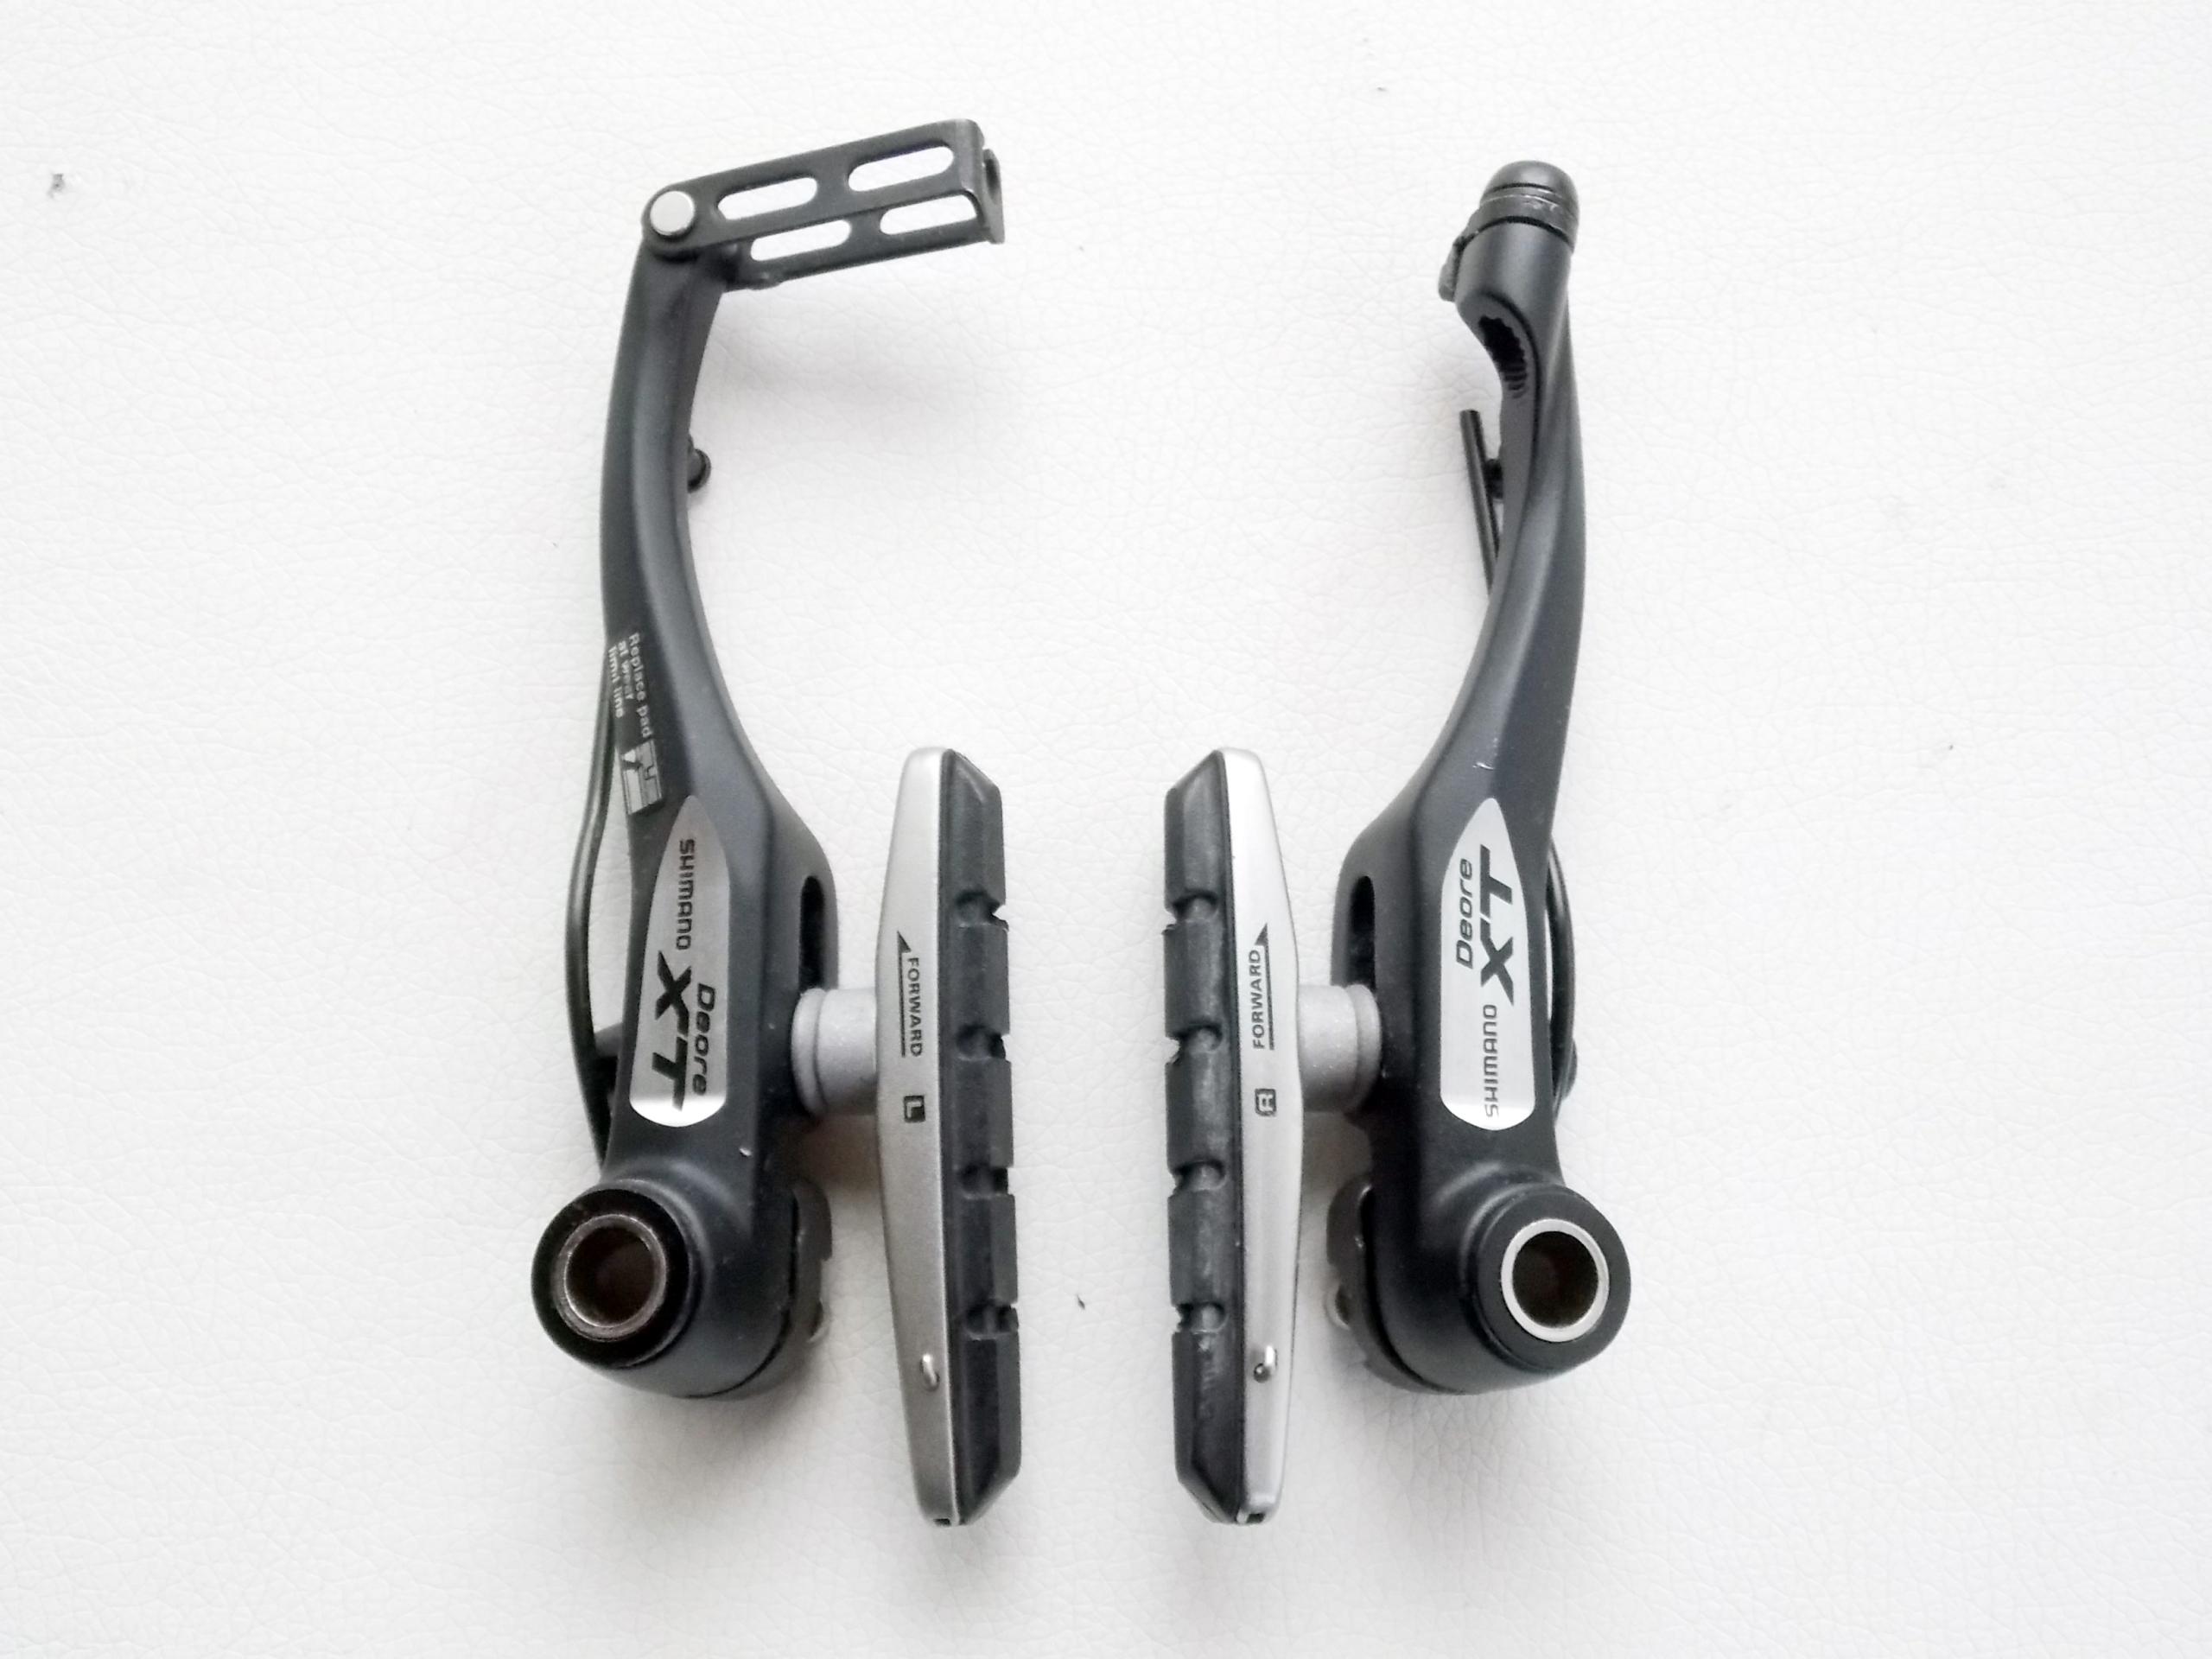 Hamulec Shimano DEORE XT BR-M770 V-break tylny